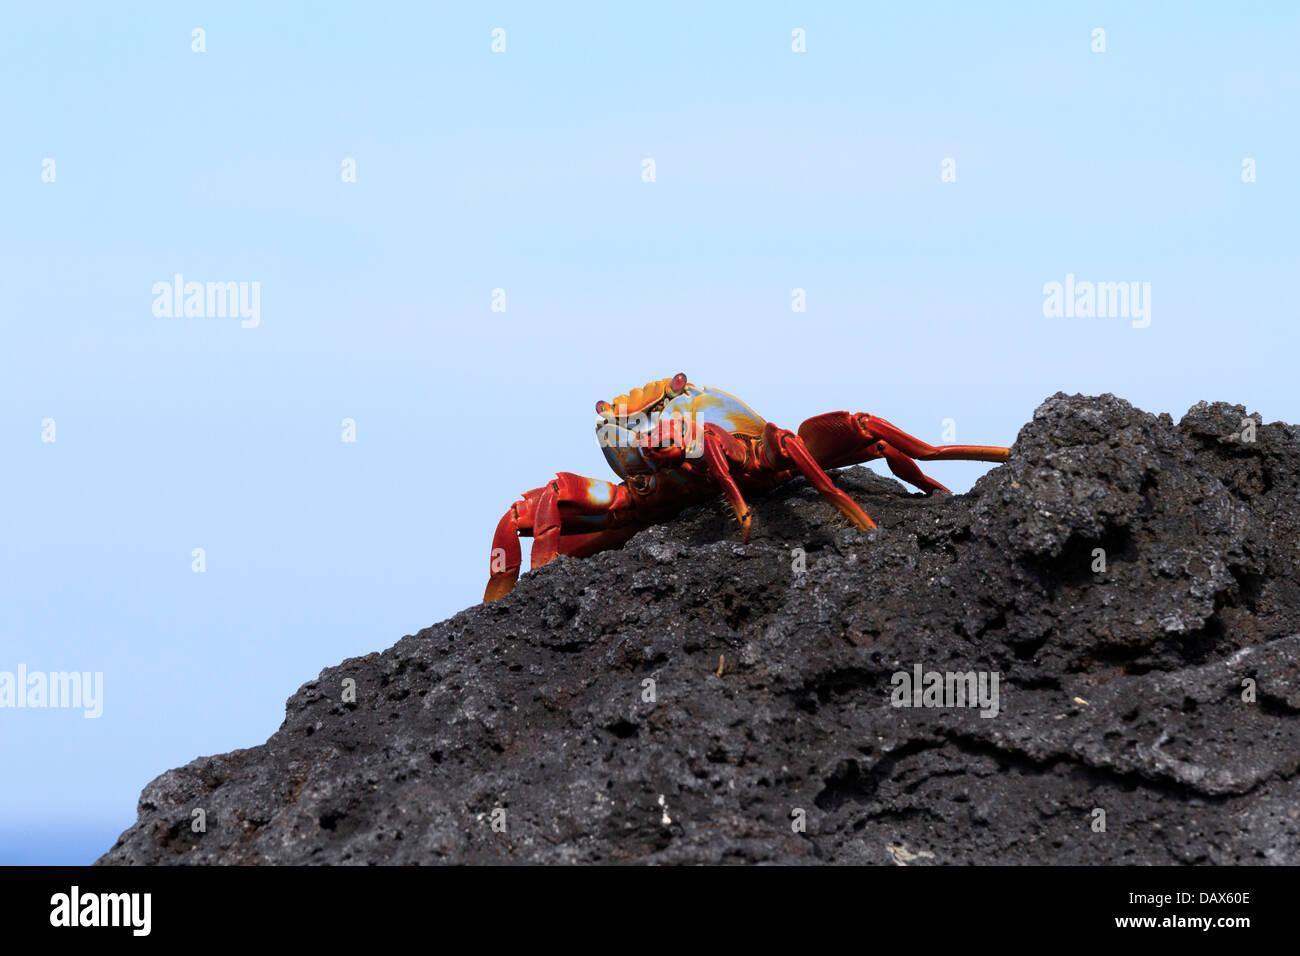 Sally Lightfoot Crab, Grapsus grapsus, Punta Espinoza, Fernandina Island, Galapagos Islands, Ecuador - Stock Image